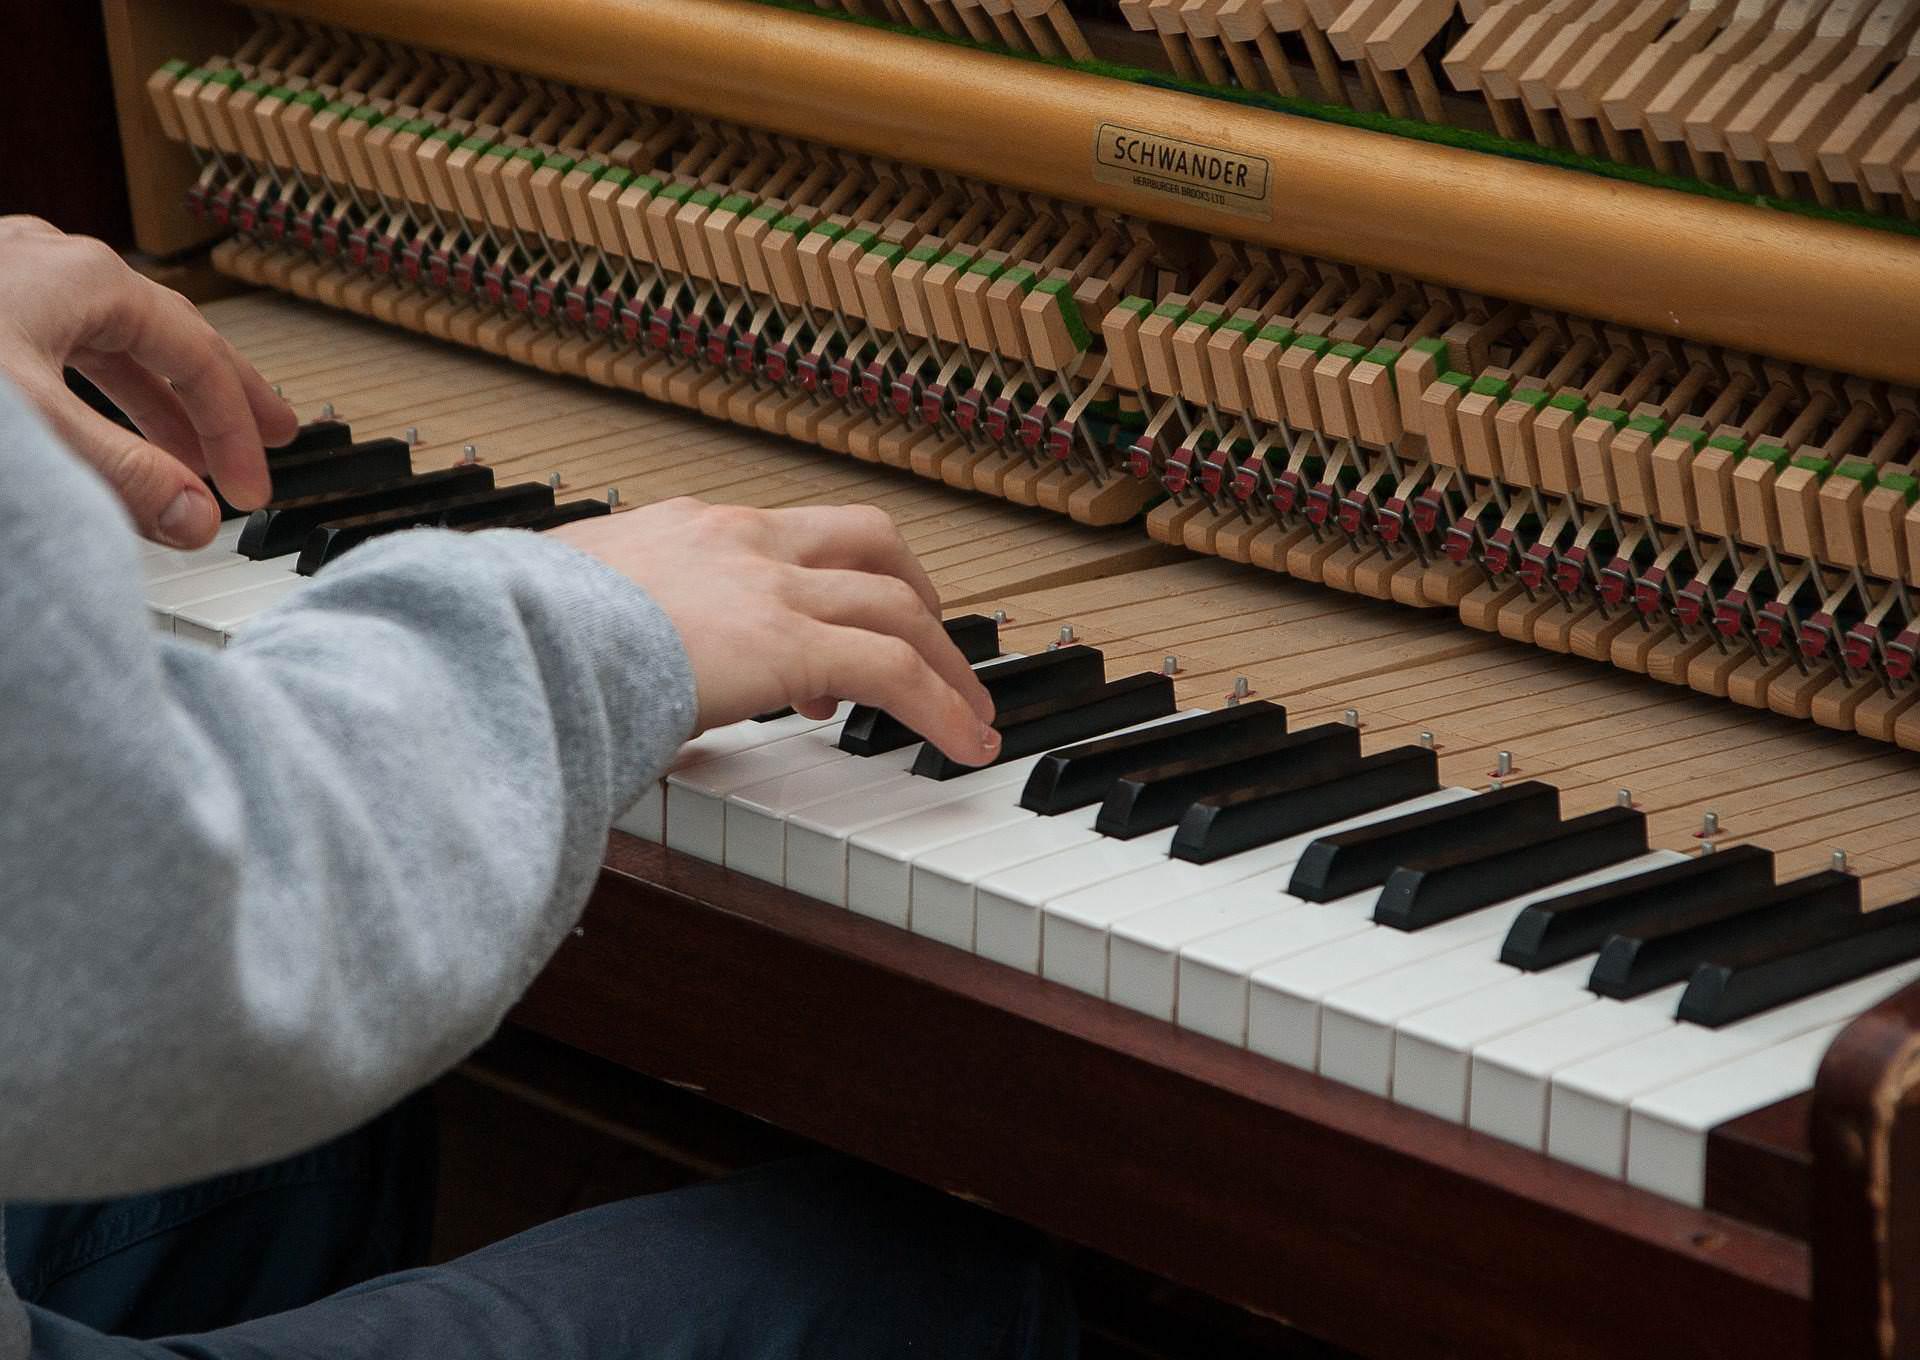 klaviertastatur online